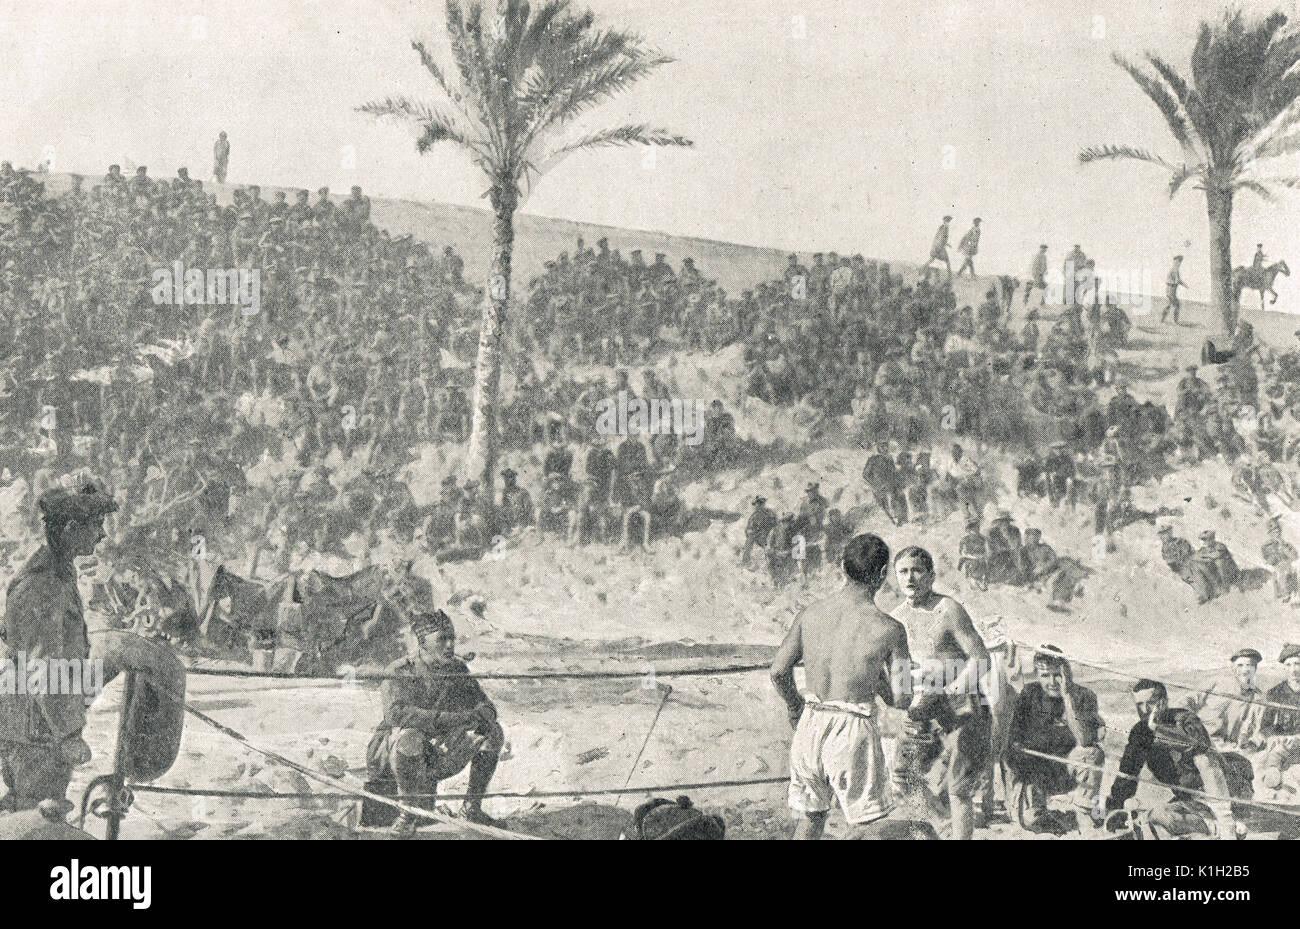 Combate de boxeo, campamento británico en Egipto, WW1 Imagen De Stock